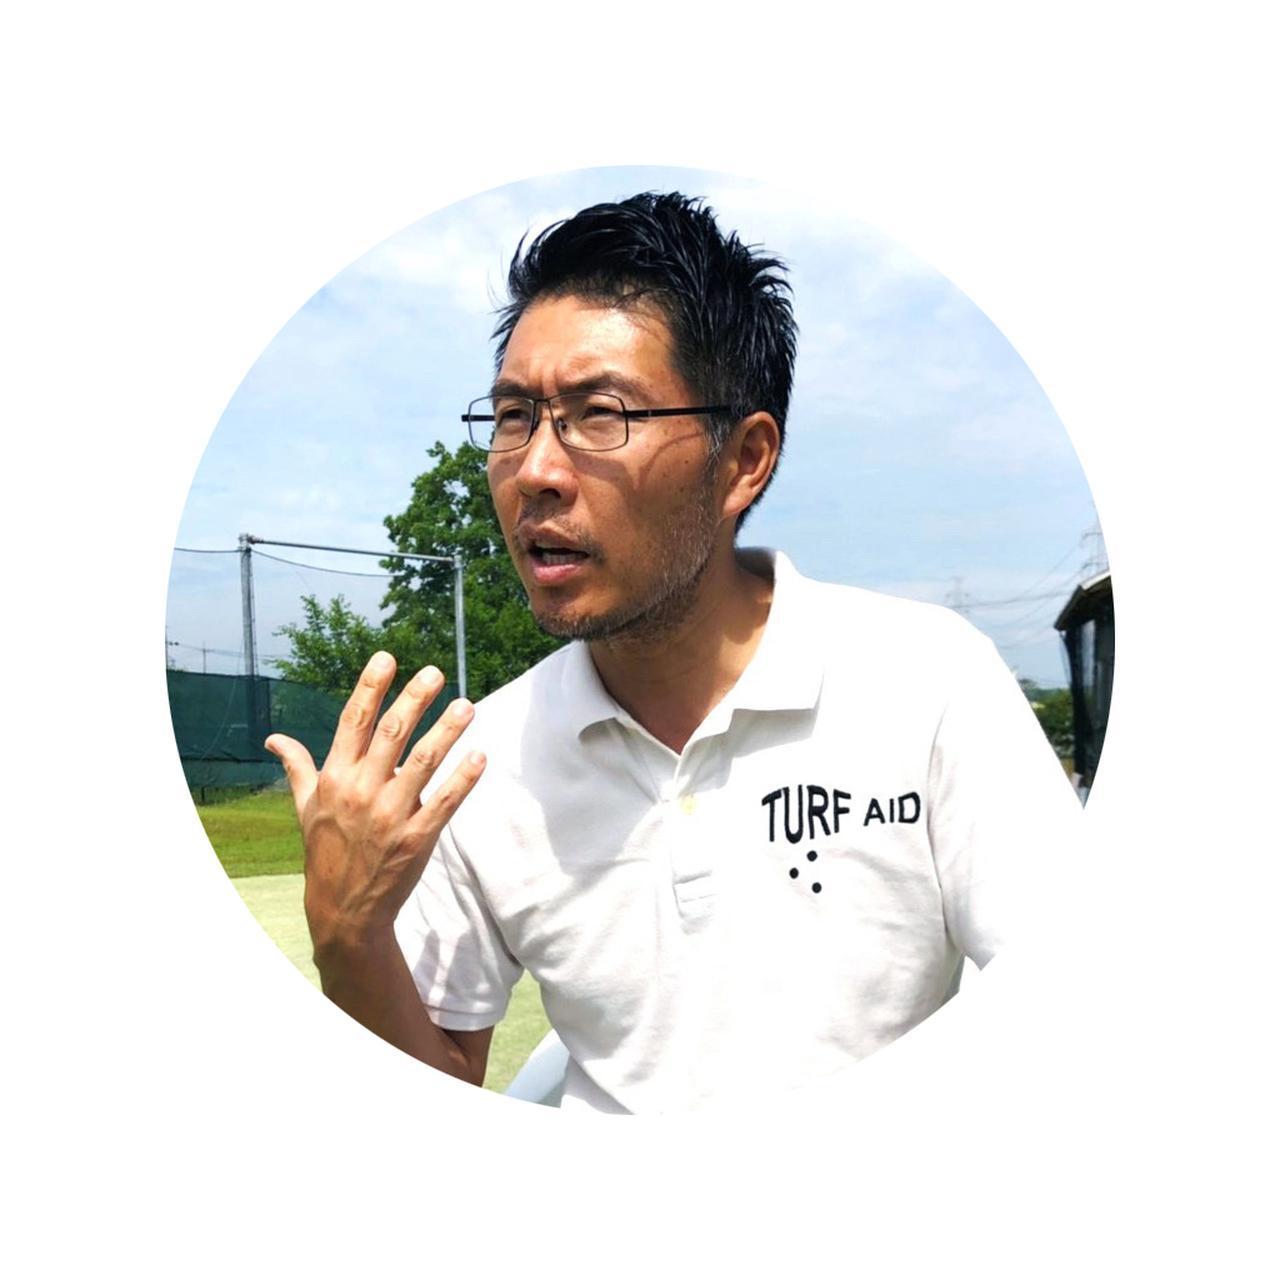 画像: 【解説】早川佳智プロ 1975年生まれ。スウィング史やギア変遷について造詣が深く、日夜研究を行っているマニアなティーチングプロ